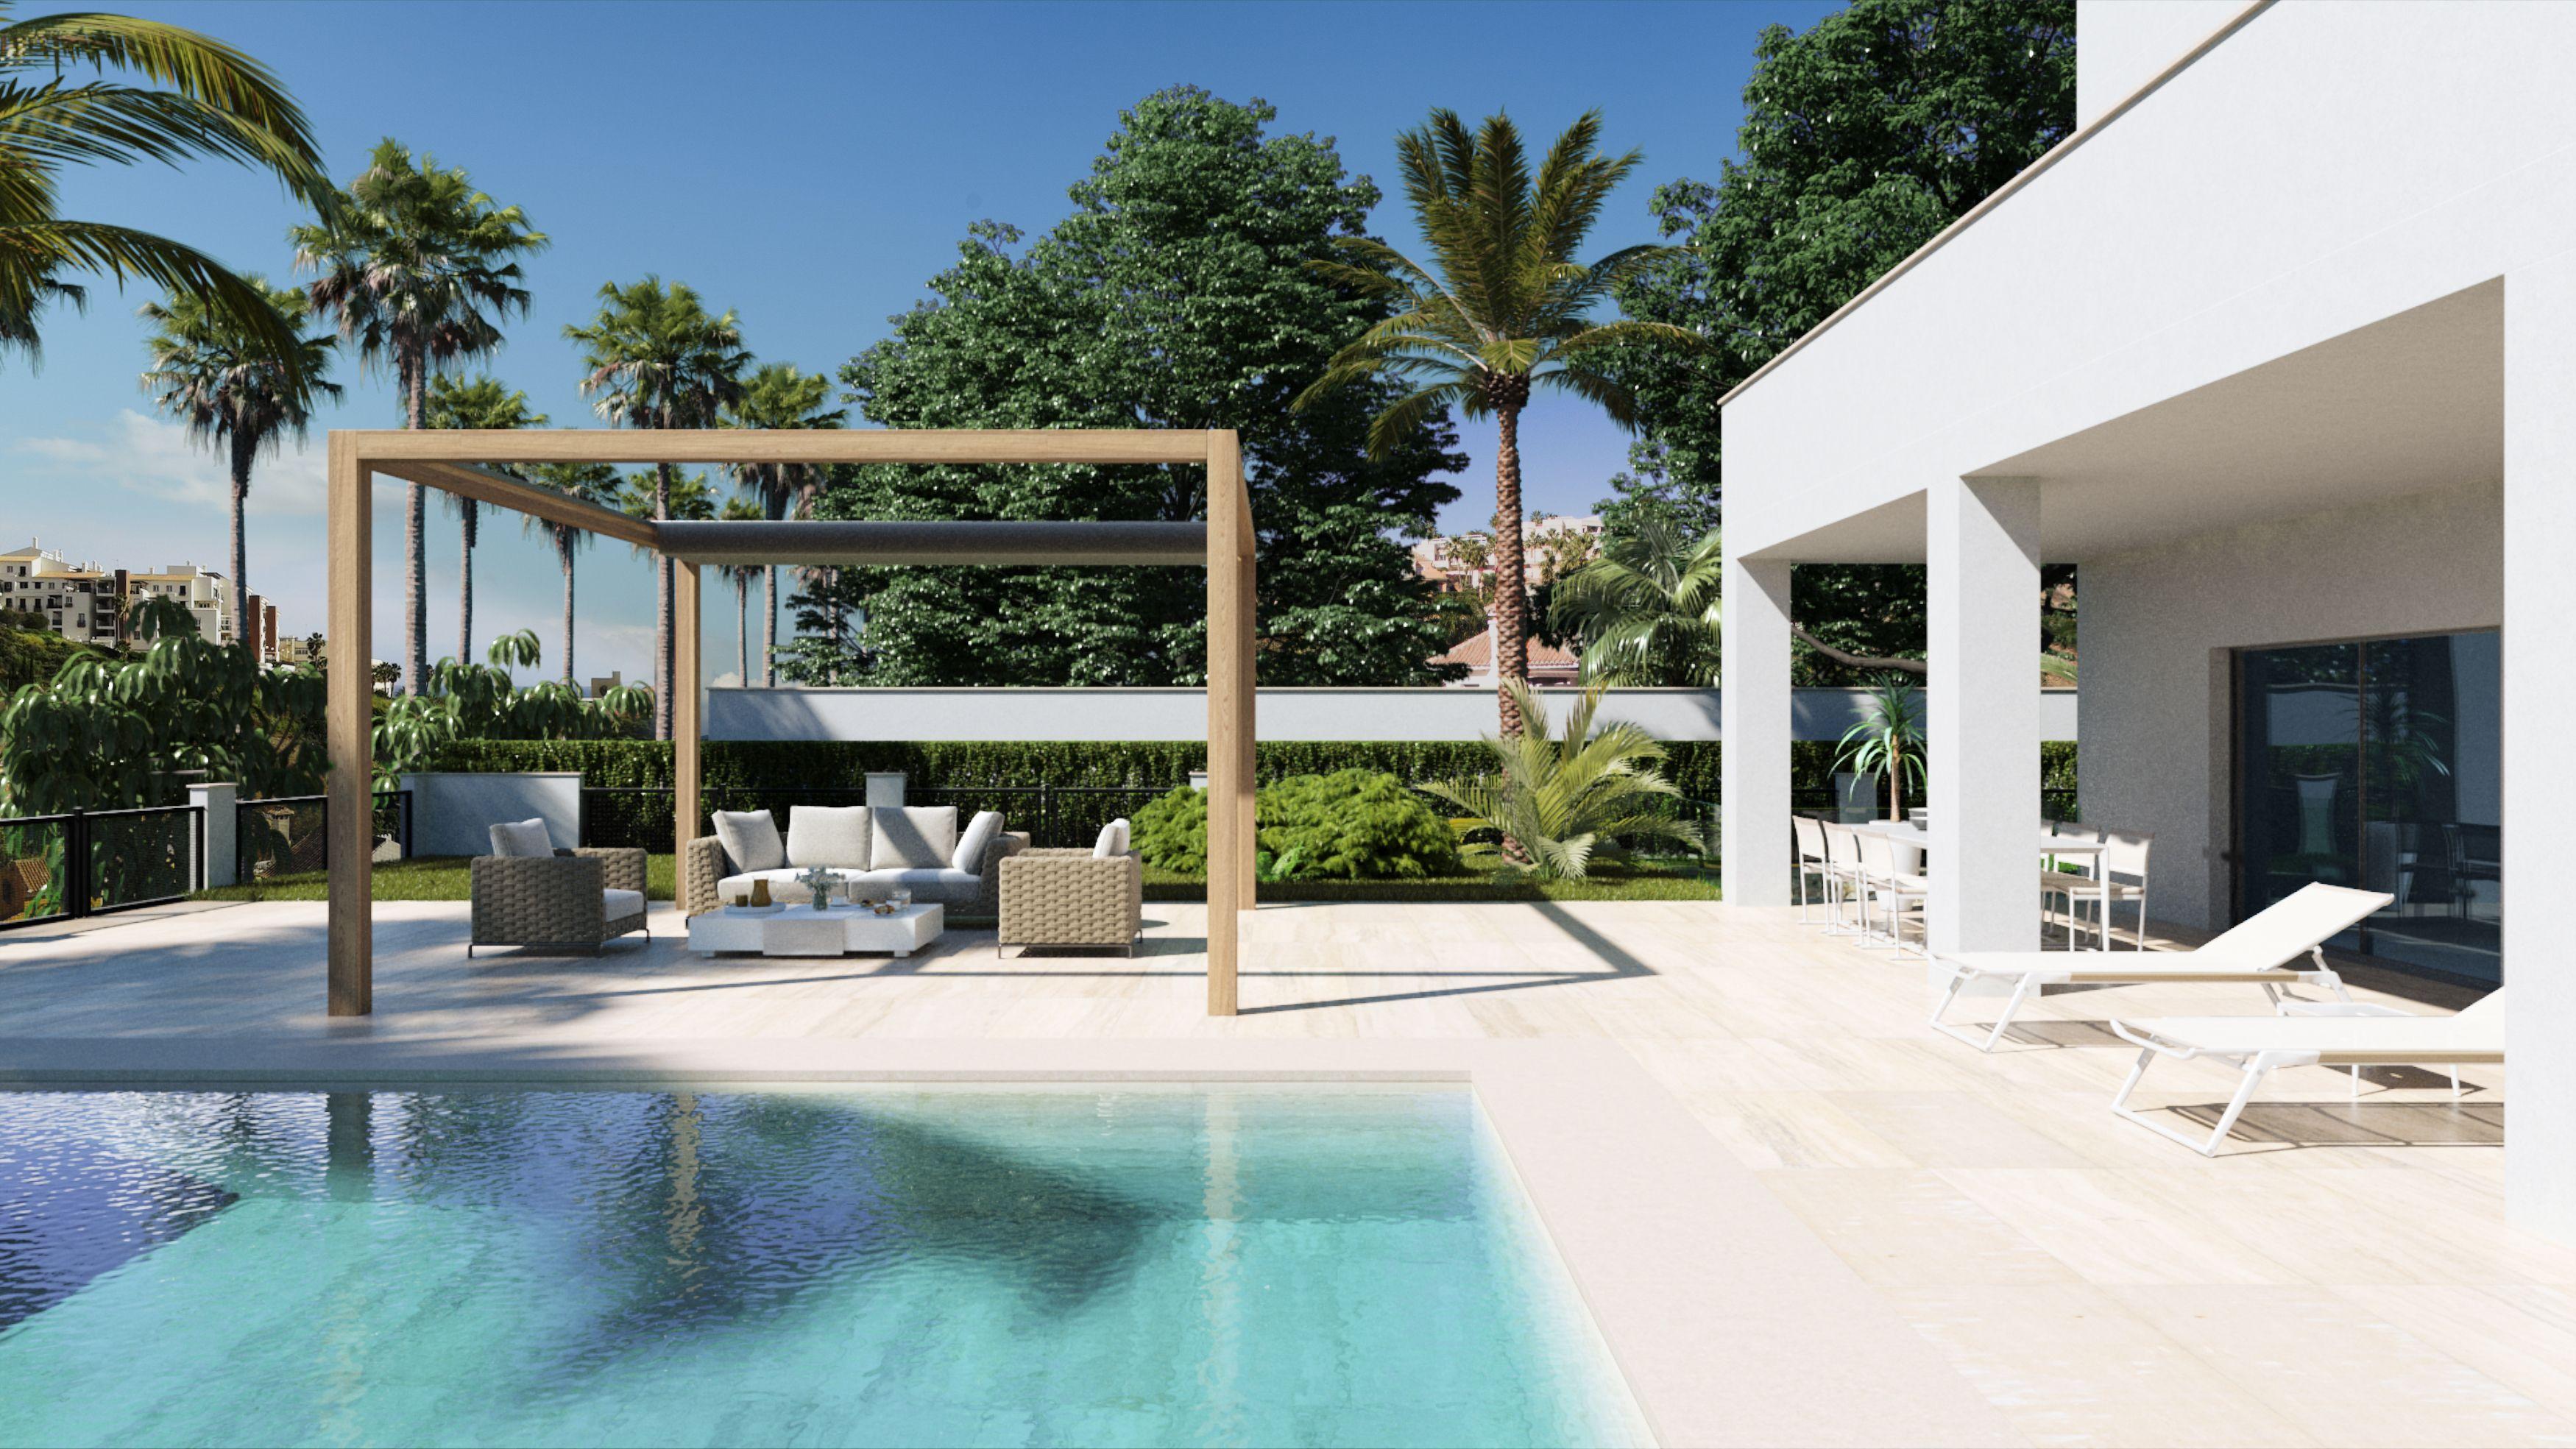 jardin-casa-benalmadena-arquitectura-exterior